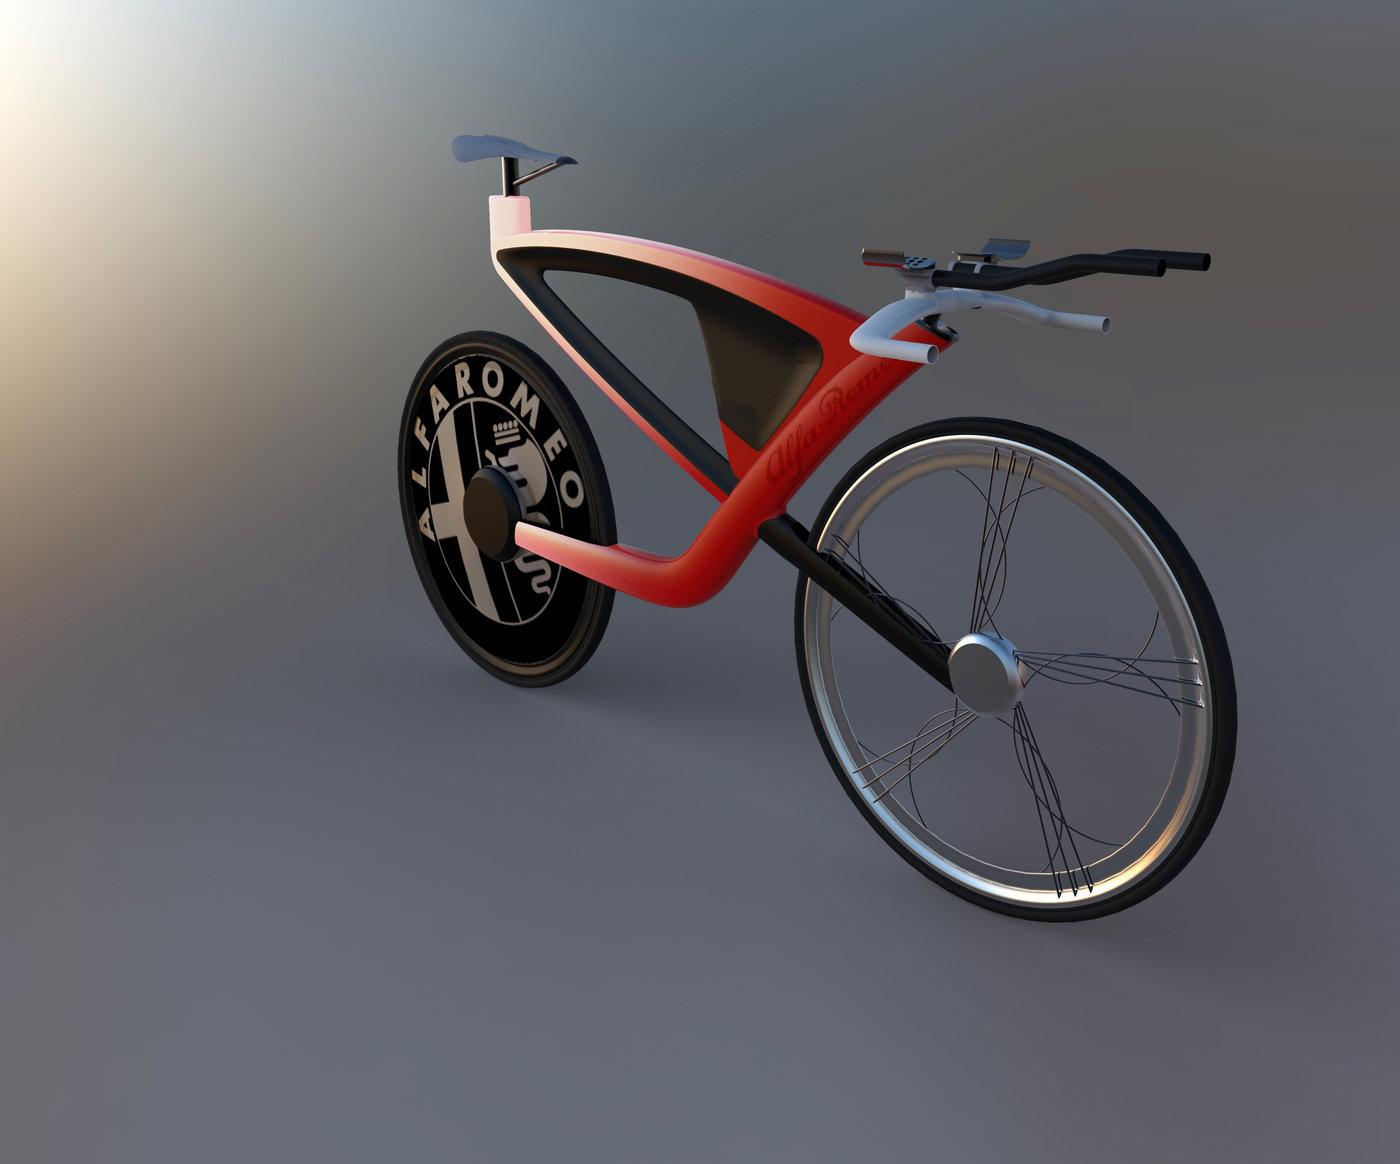 Alfa Romeo Bike By Evan Jones At